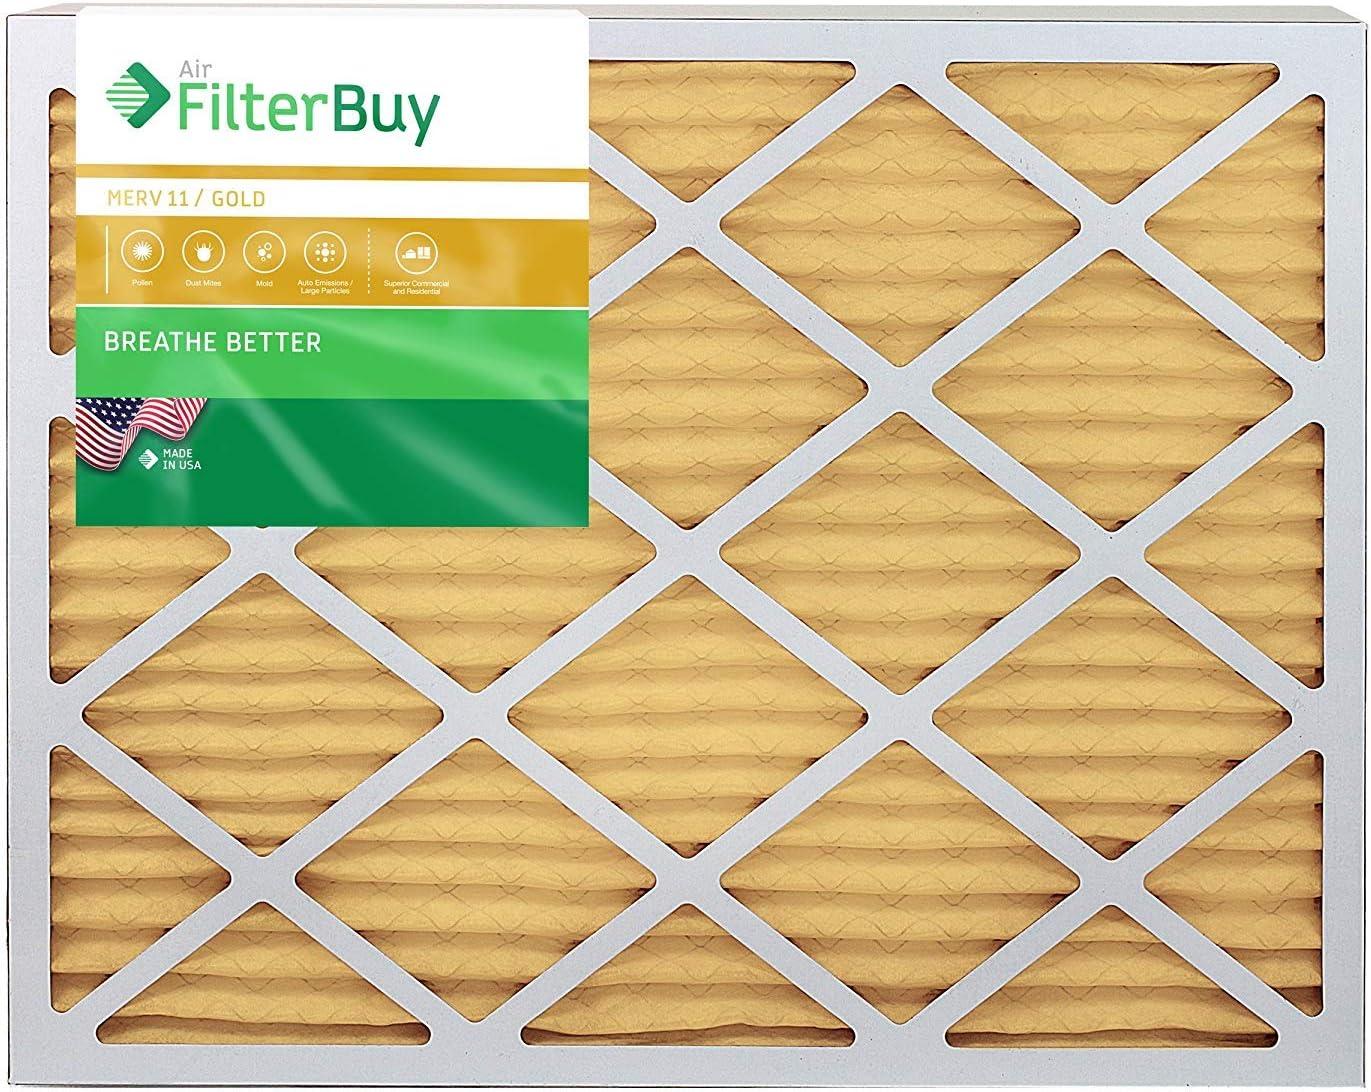 plissée CVC AC four Filtre à air AFB Gold Merv 11 Filterbuy 10x10x2